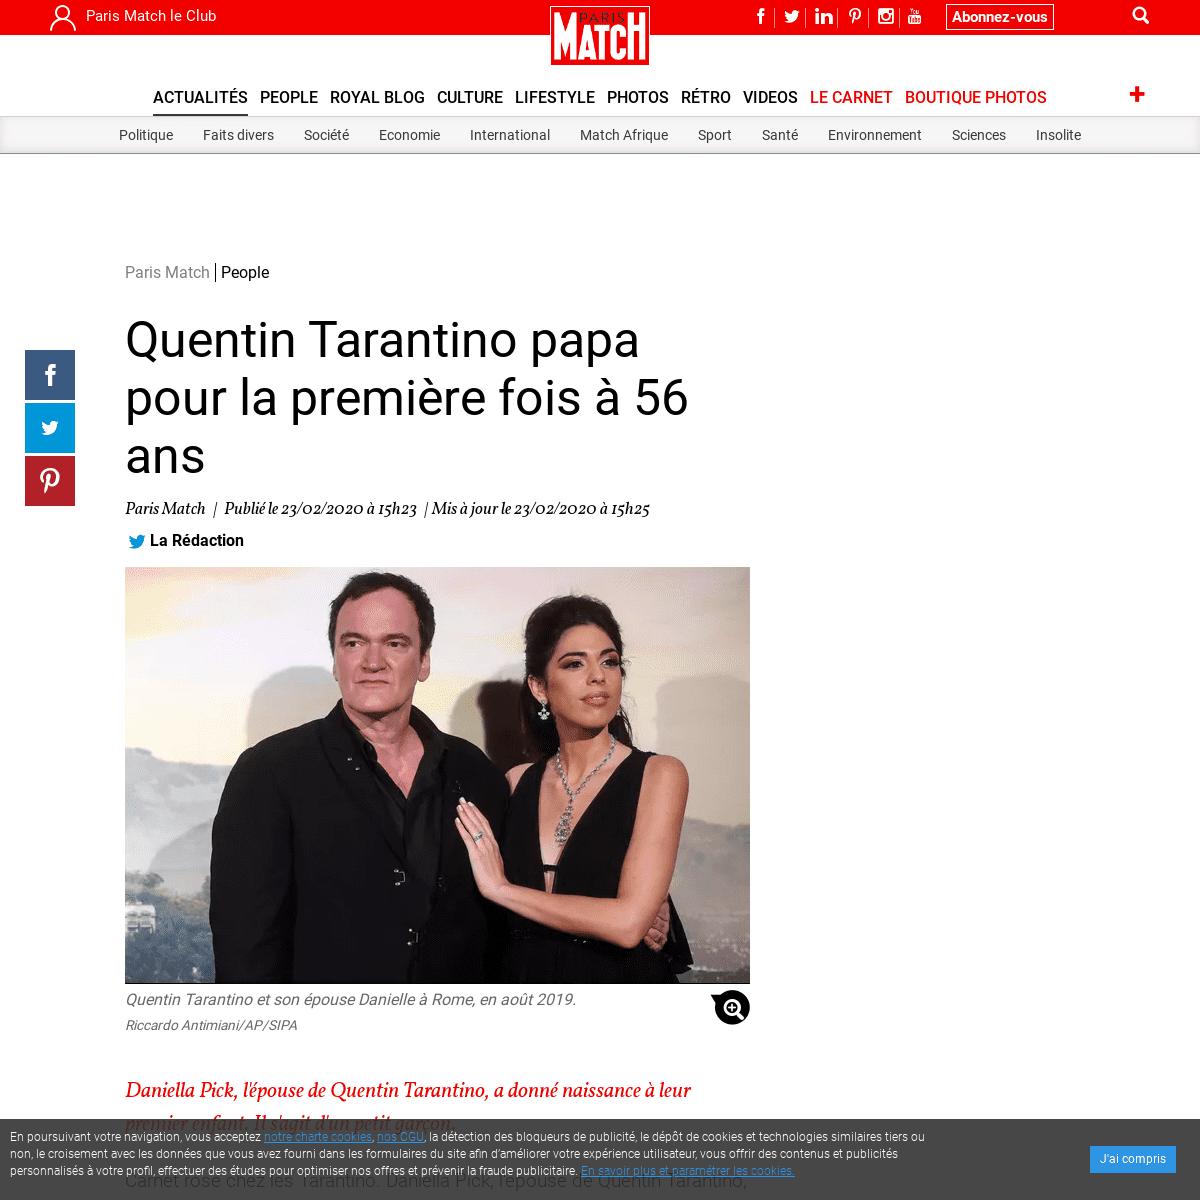 Quentin Tarantino papa pour la première fois à 56 ans